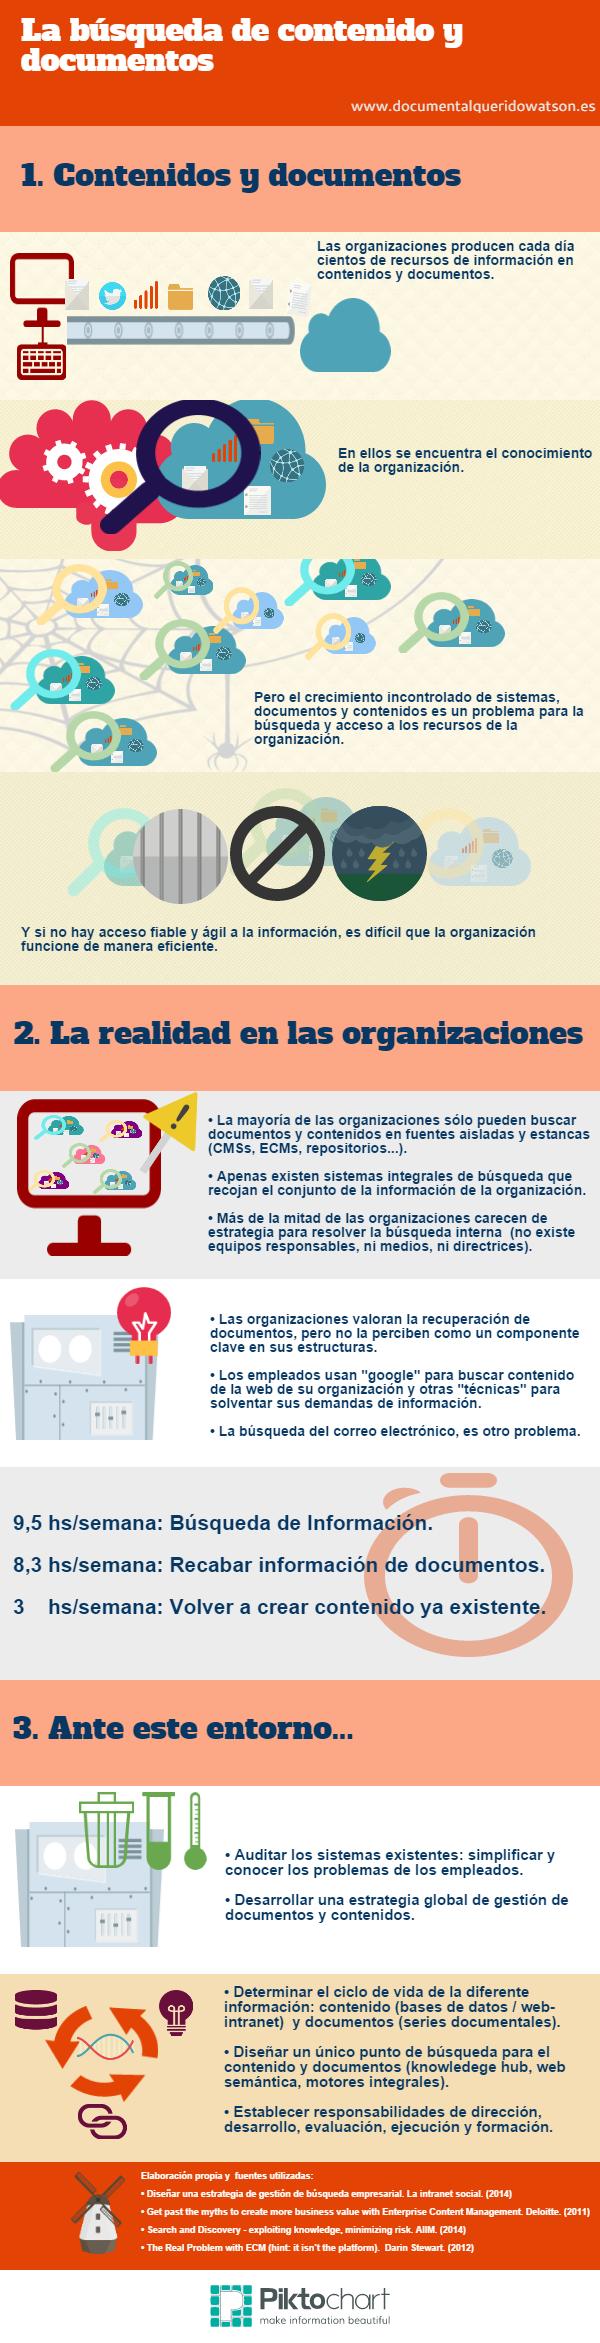 La búsqueda de contenido y documentos en las organizaciones